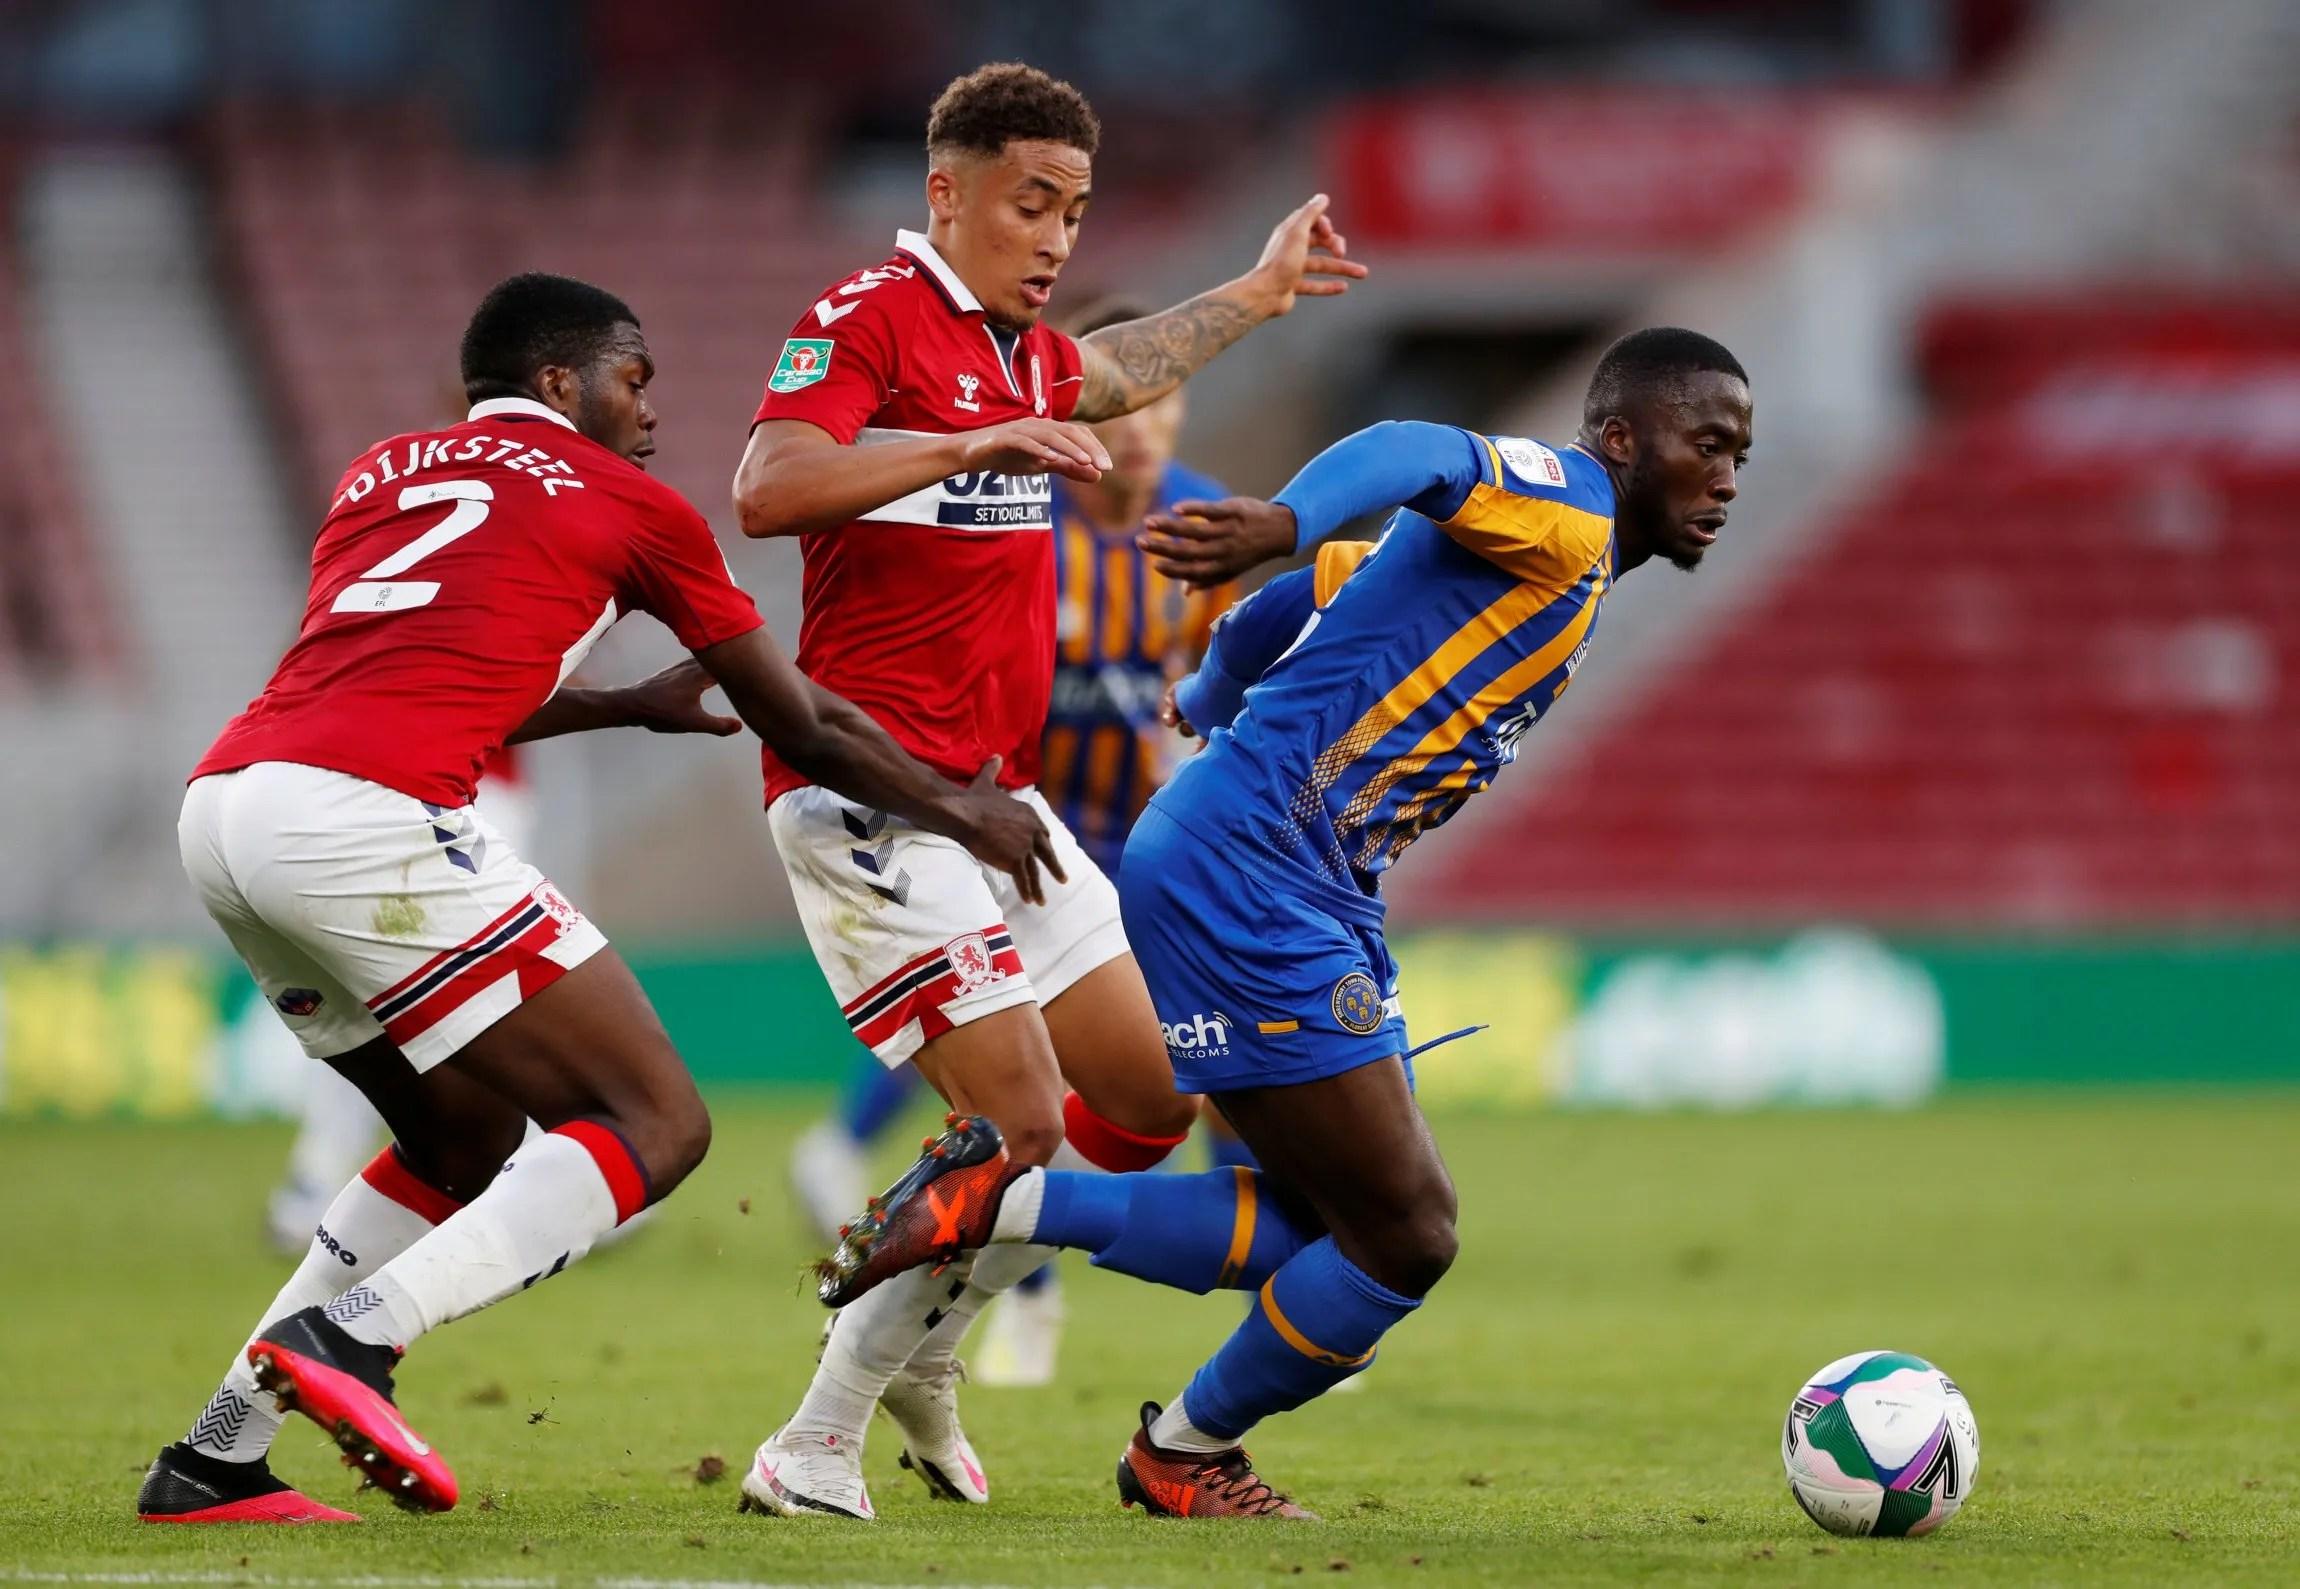 Wolves' move for Tavernier bad for Gibbs-White